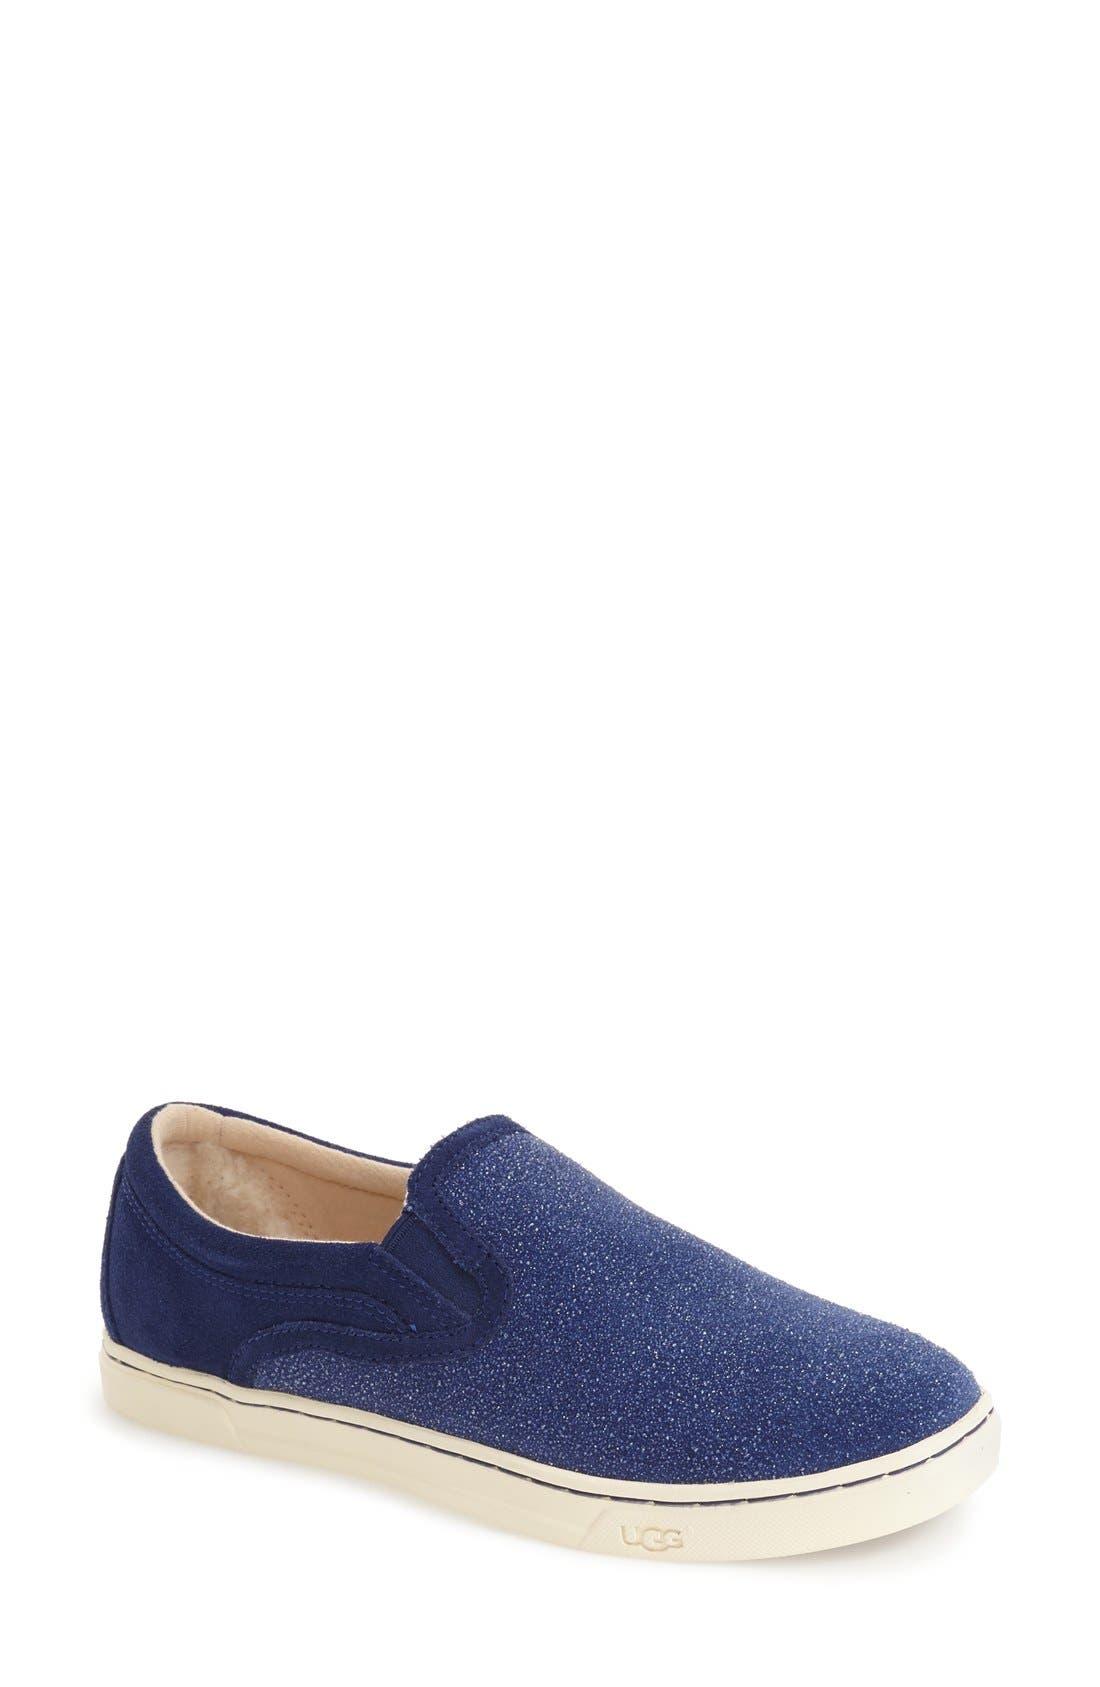 Main Image - UGG® Fierce Slip-On Sneaker (Women)